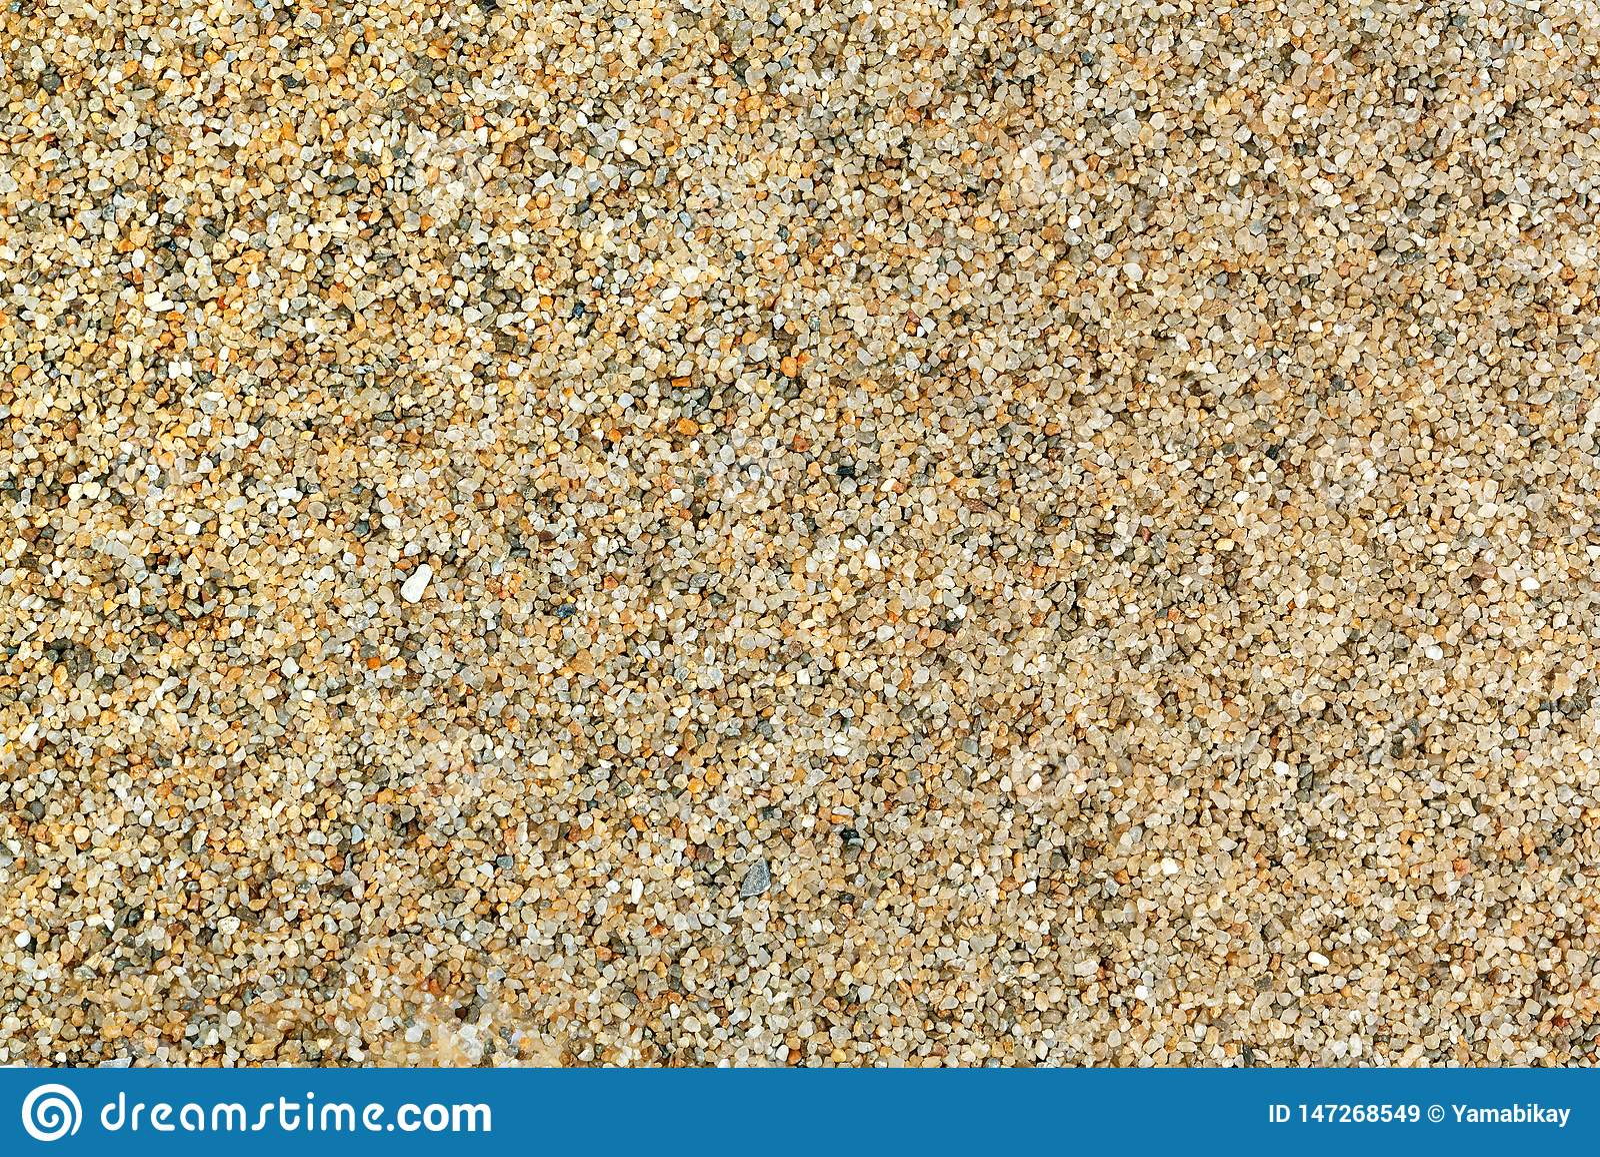 Прозрачные песчинки конца-вверх кварцевого песка для предпосылки или текстуры